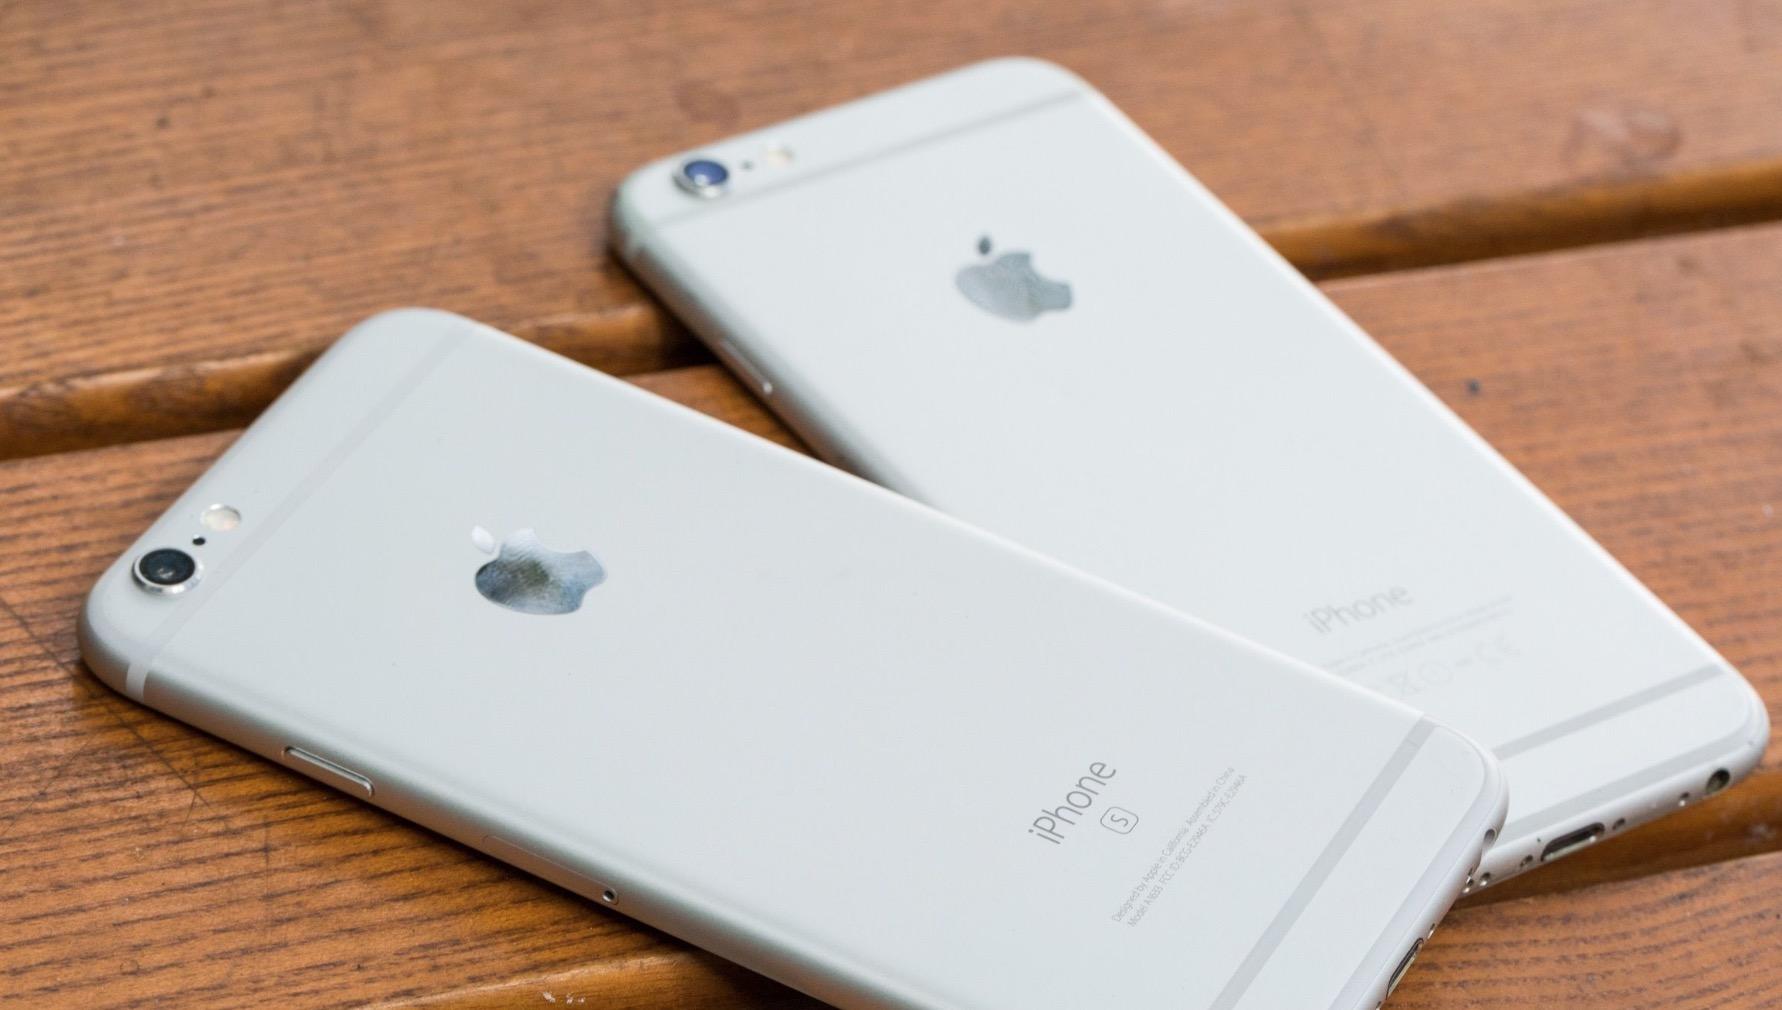 iPhone si blocca impostando il 1 gennaio 1970